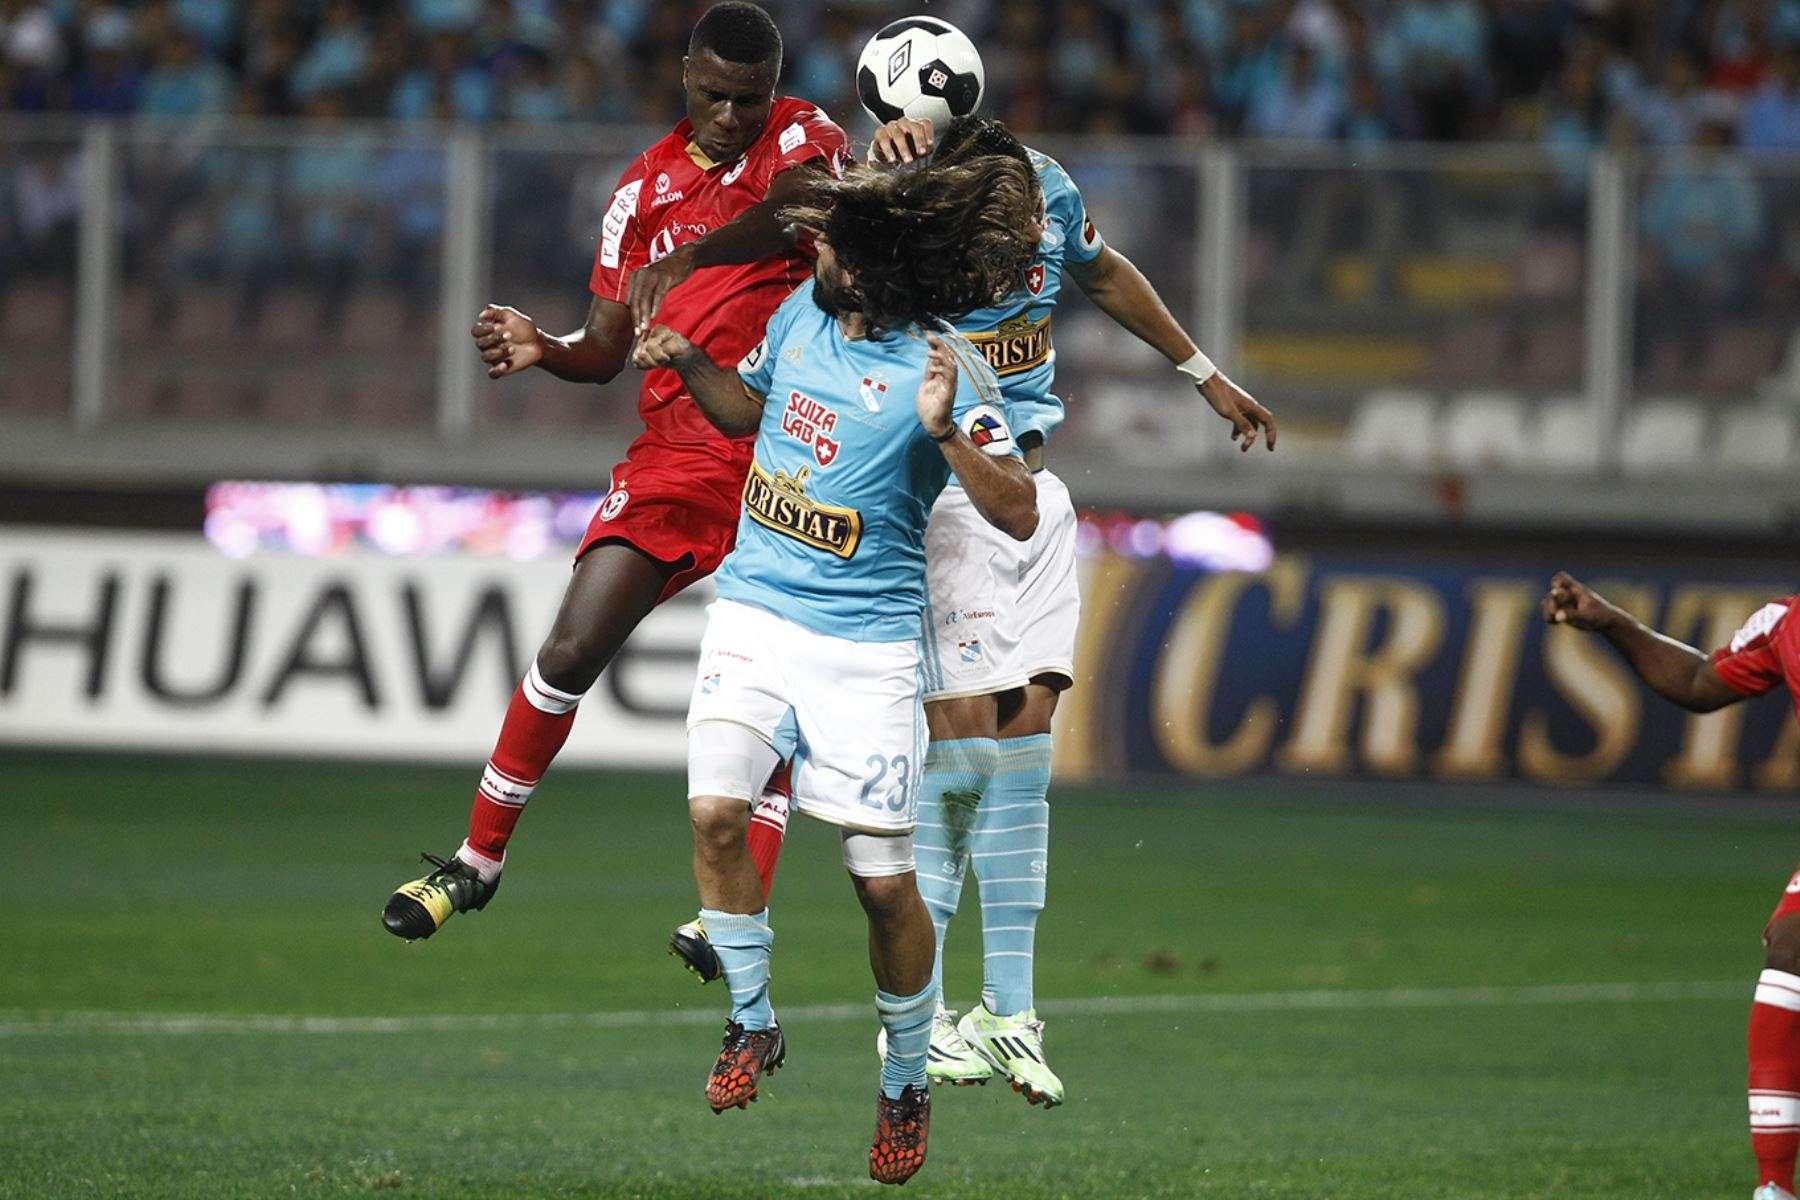 Christian Ramos pelea el balón con Jorge Cazulo. Foto: Andina